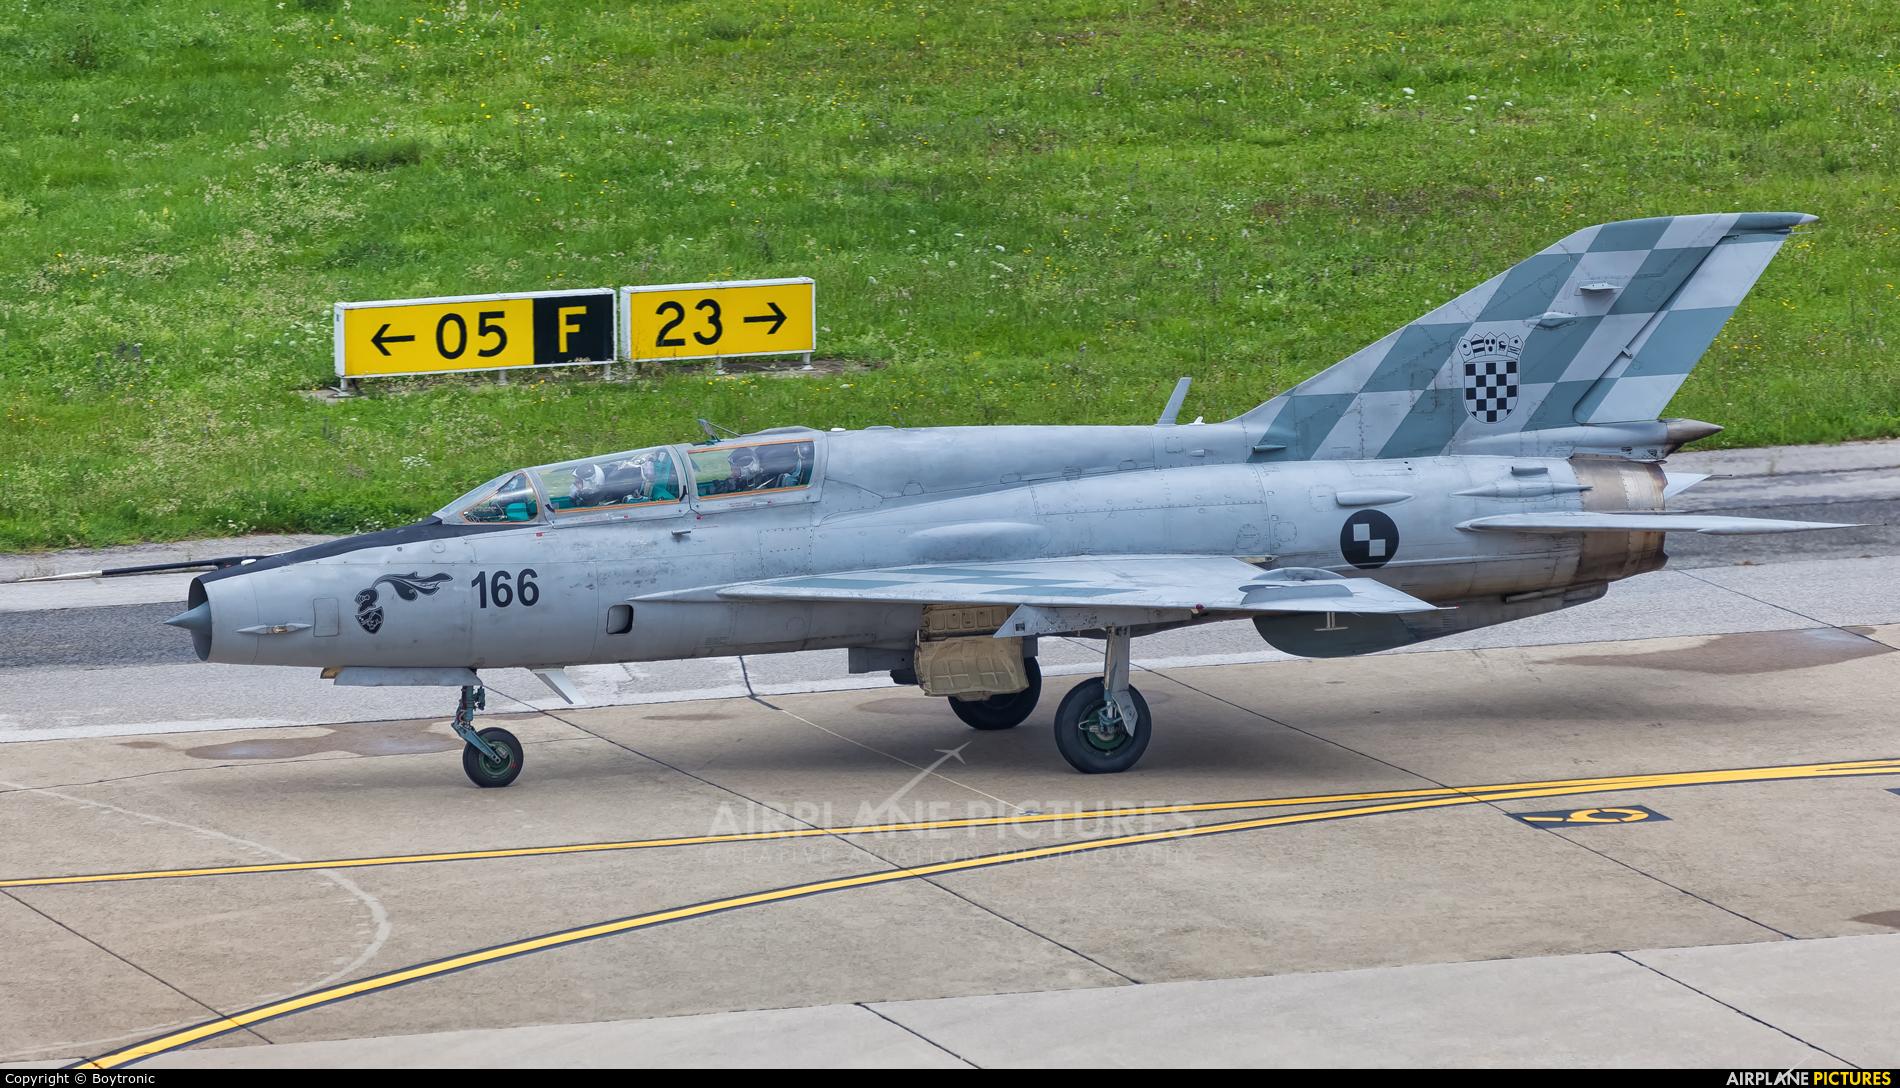 Croatia - Air Force 166 aircraft at Zagreb